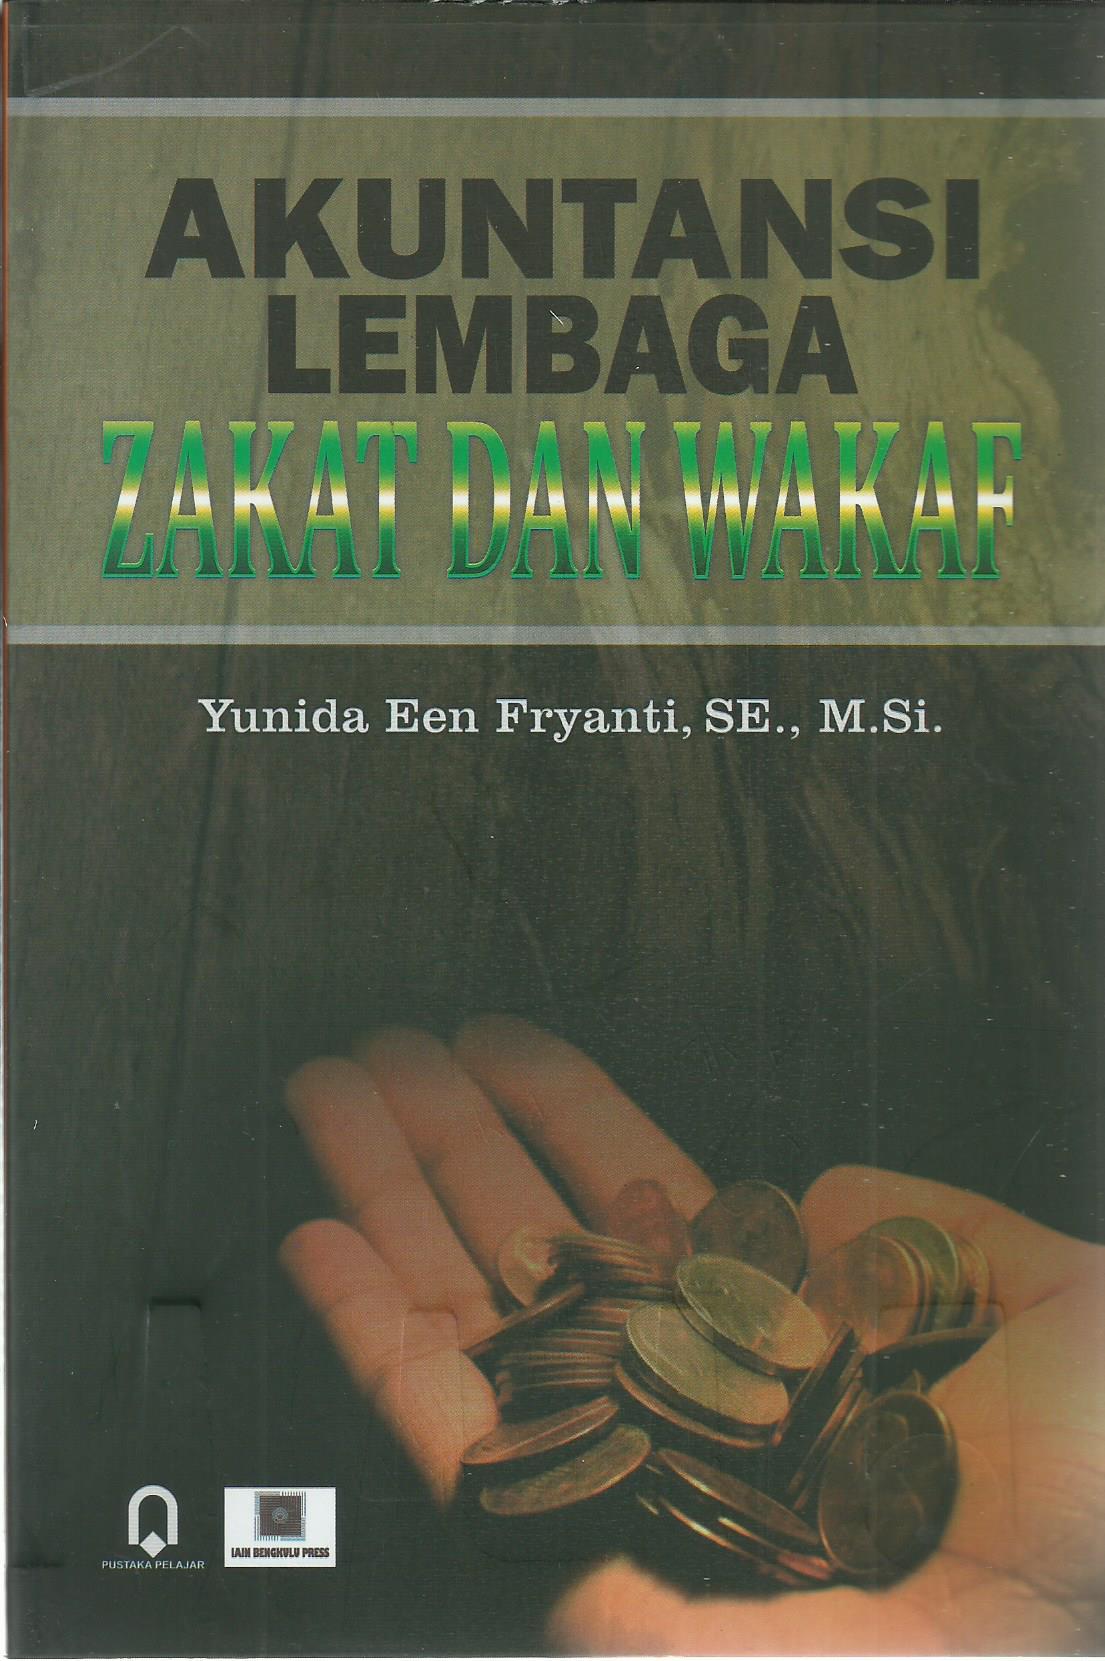 Akuntansi Lembaga Zakat dan Wakaf